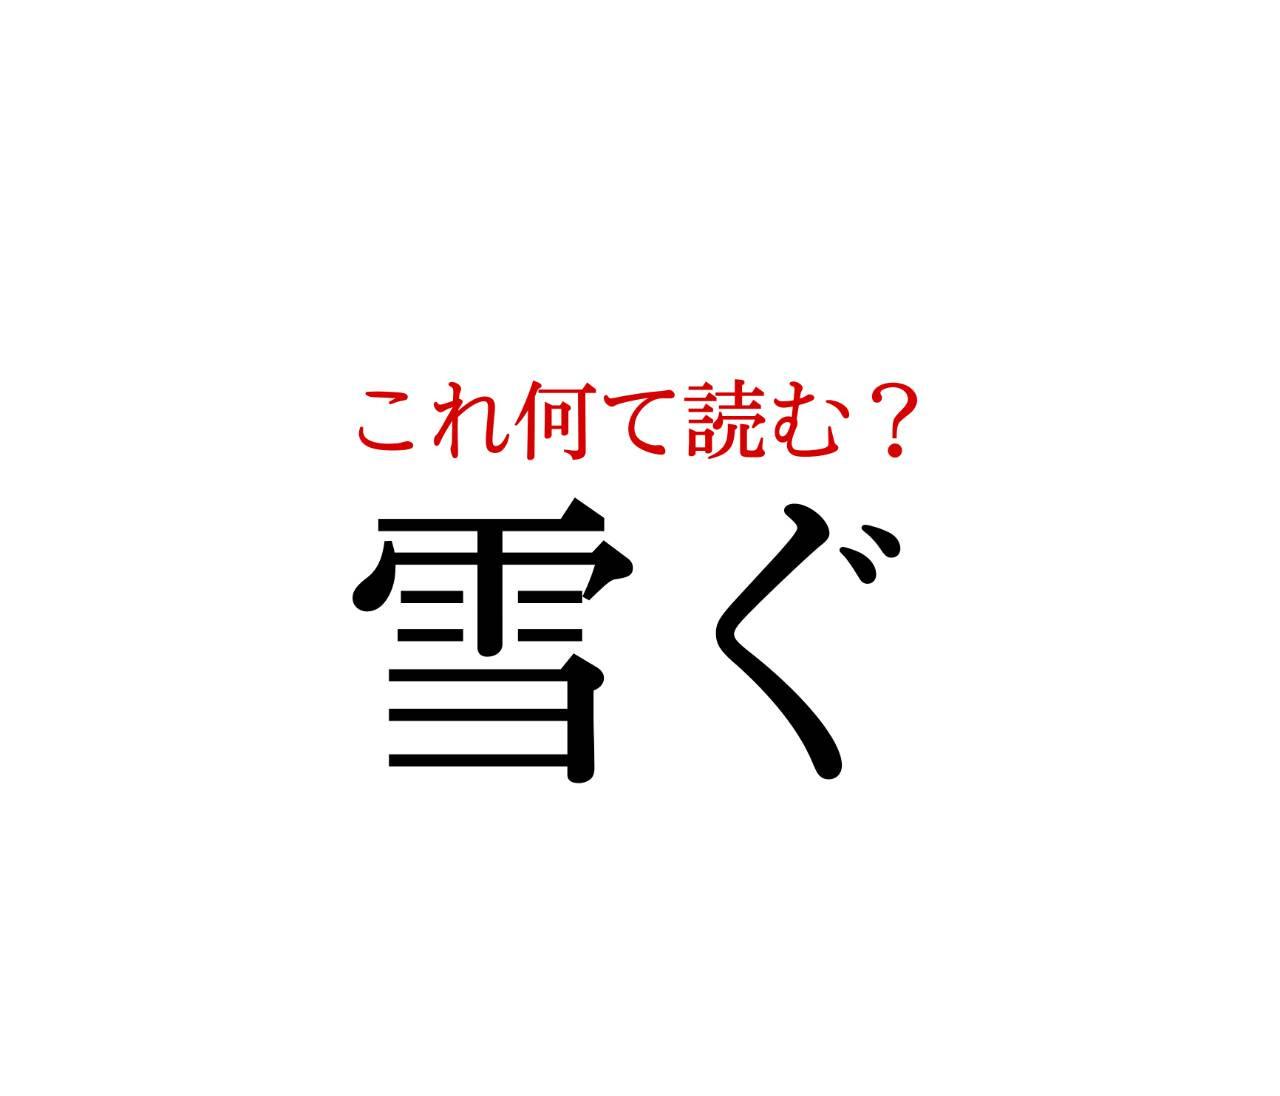 「雪ぐ」:この漢字、自信を持って読めますか?【働く大人の漢字クイズvol.117】